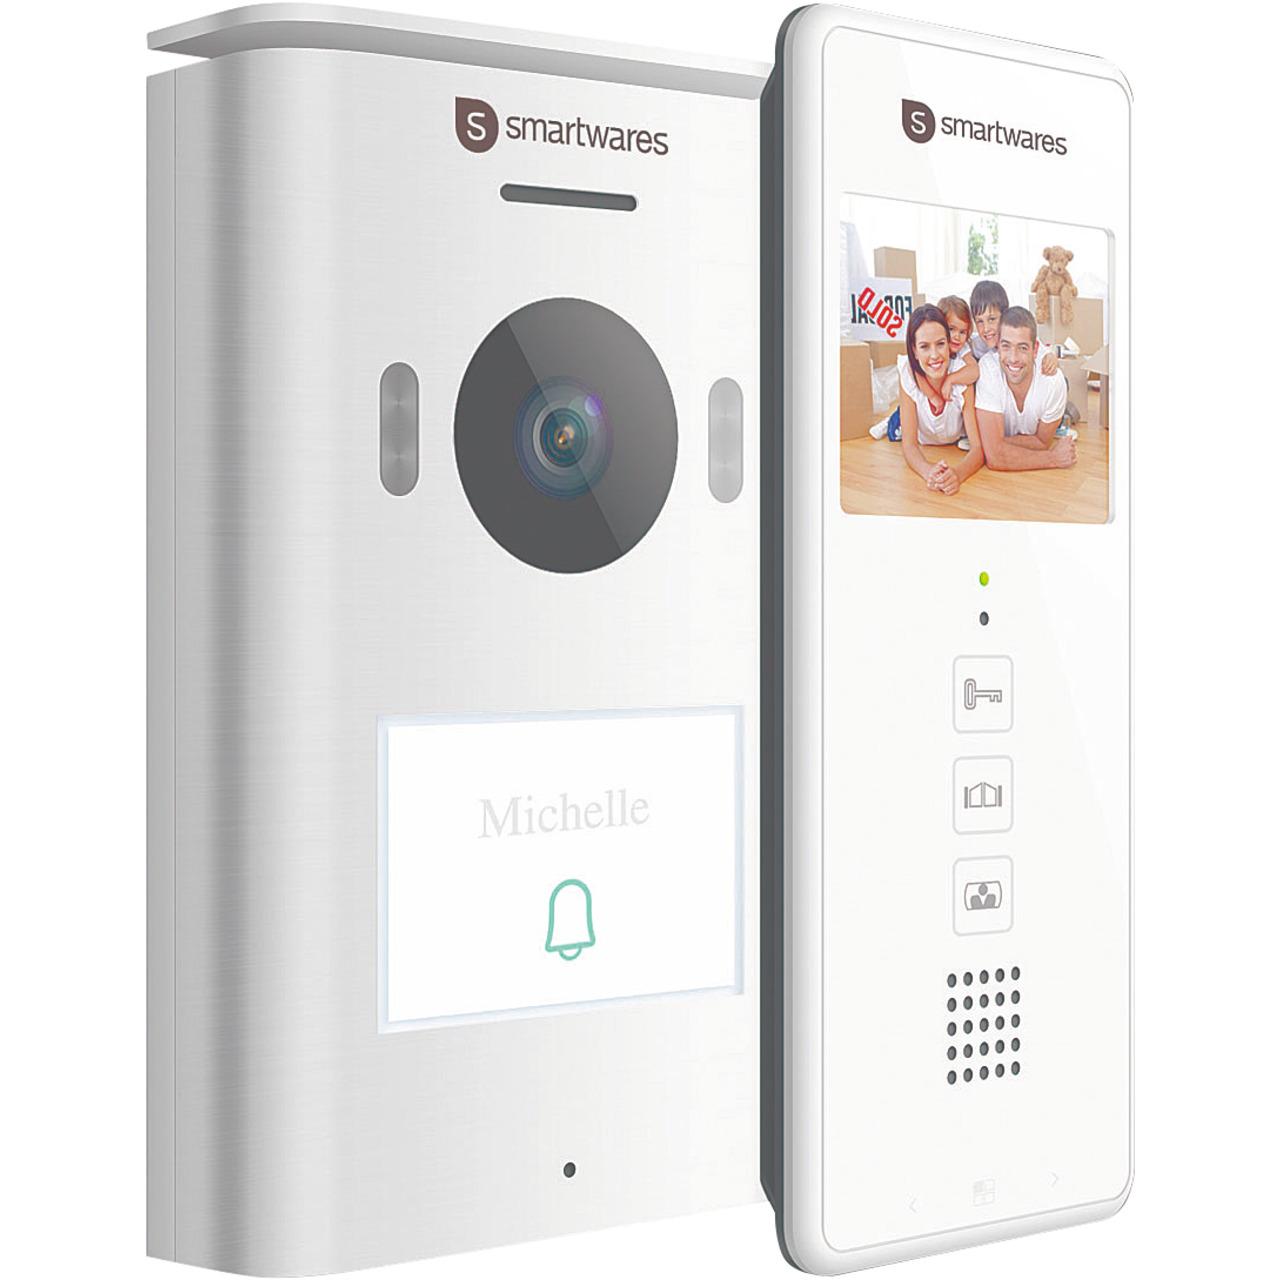 Smartwares 2-Draht-Video-Türsprechanlage für 1-Familienhaus mit 8-89-cm-Bildschirm